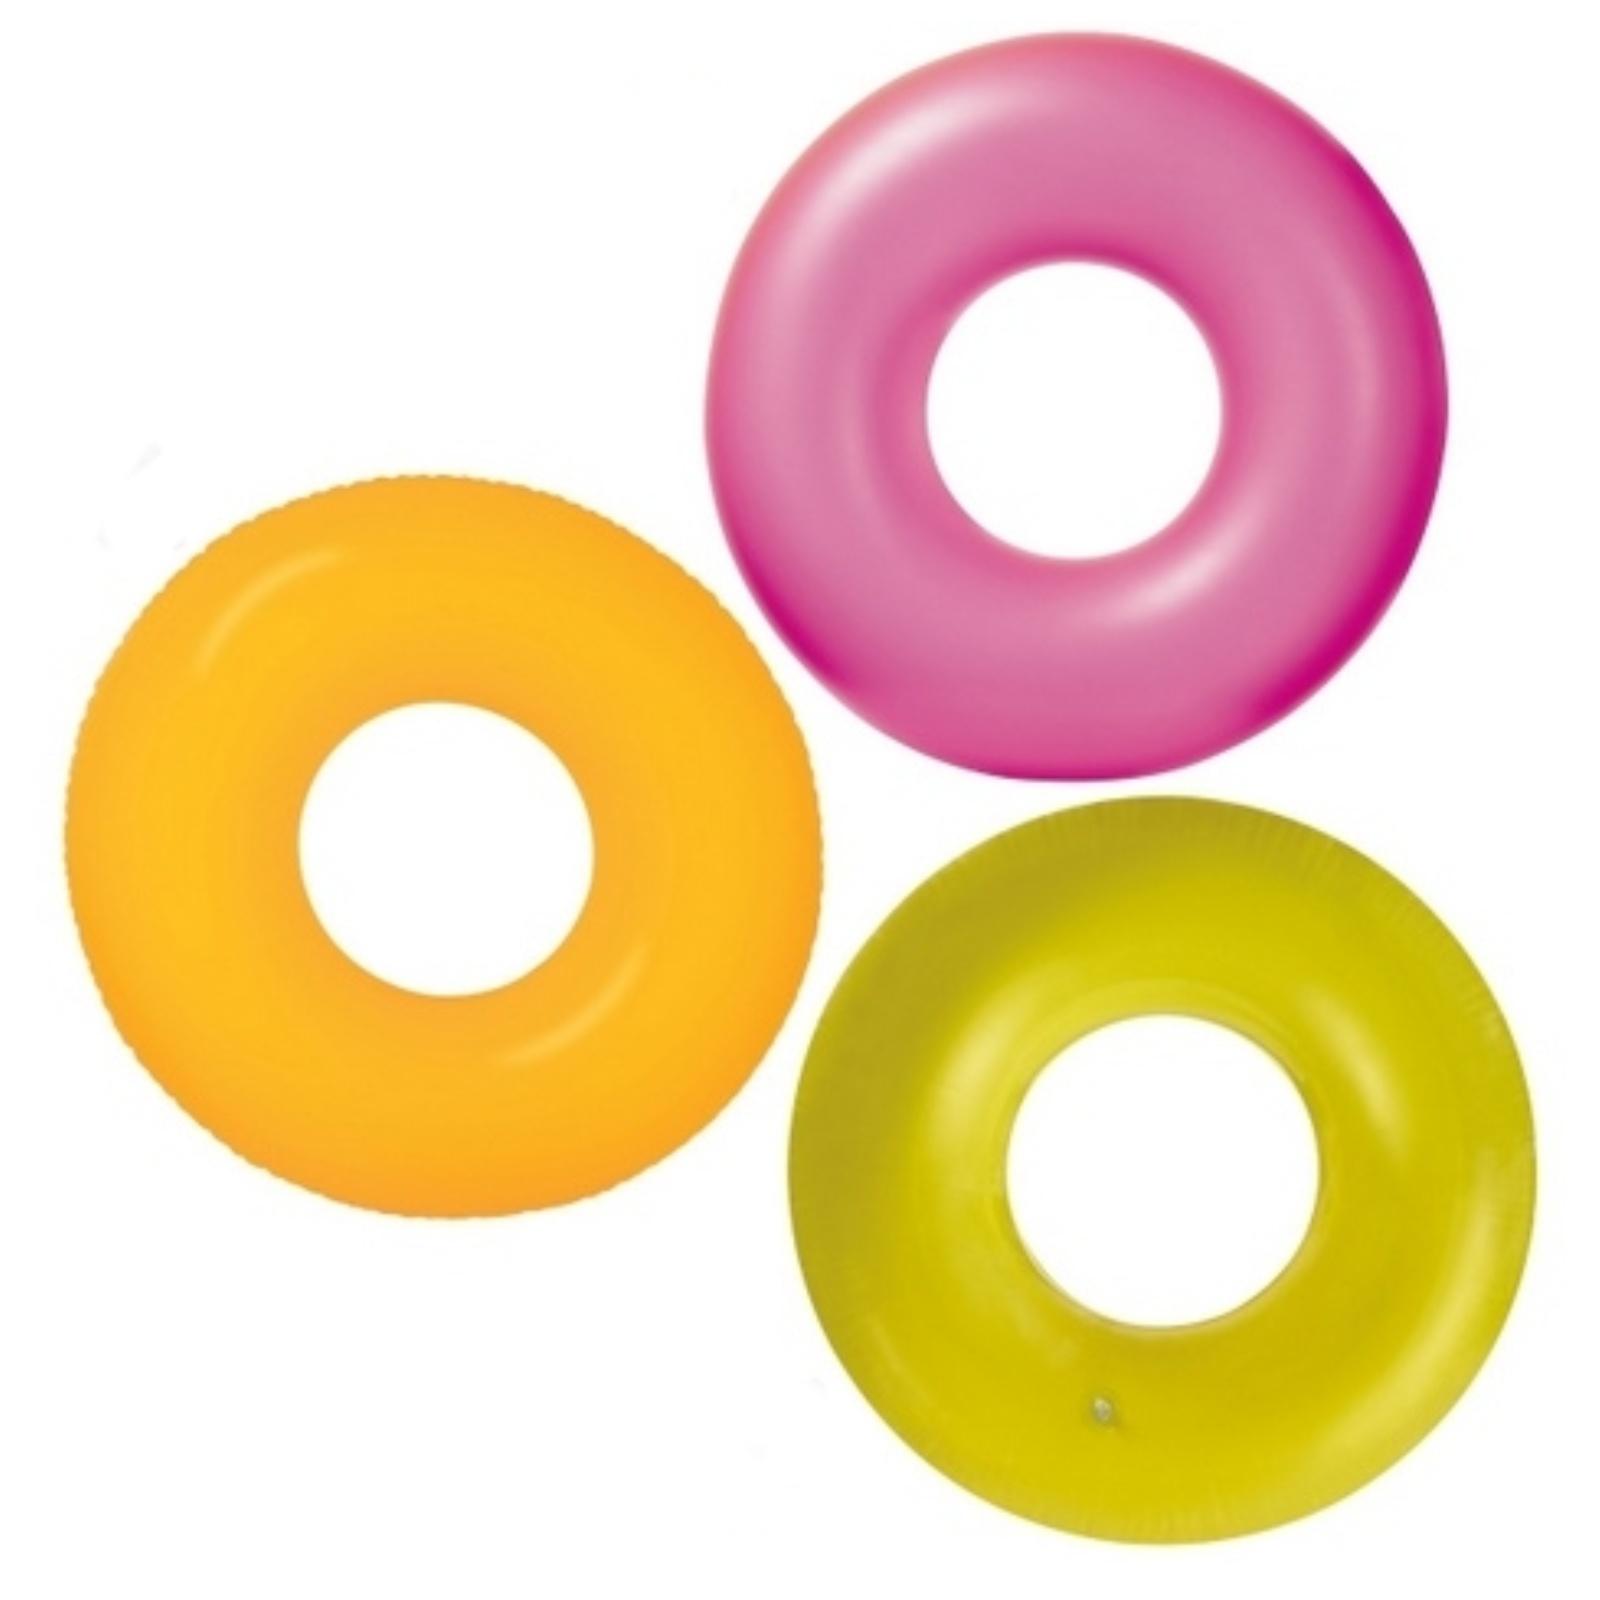 Nafukovací kruh neon 91 cm - oranžový